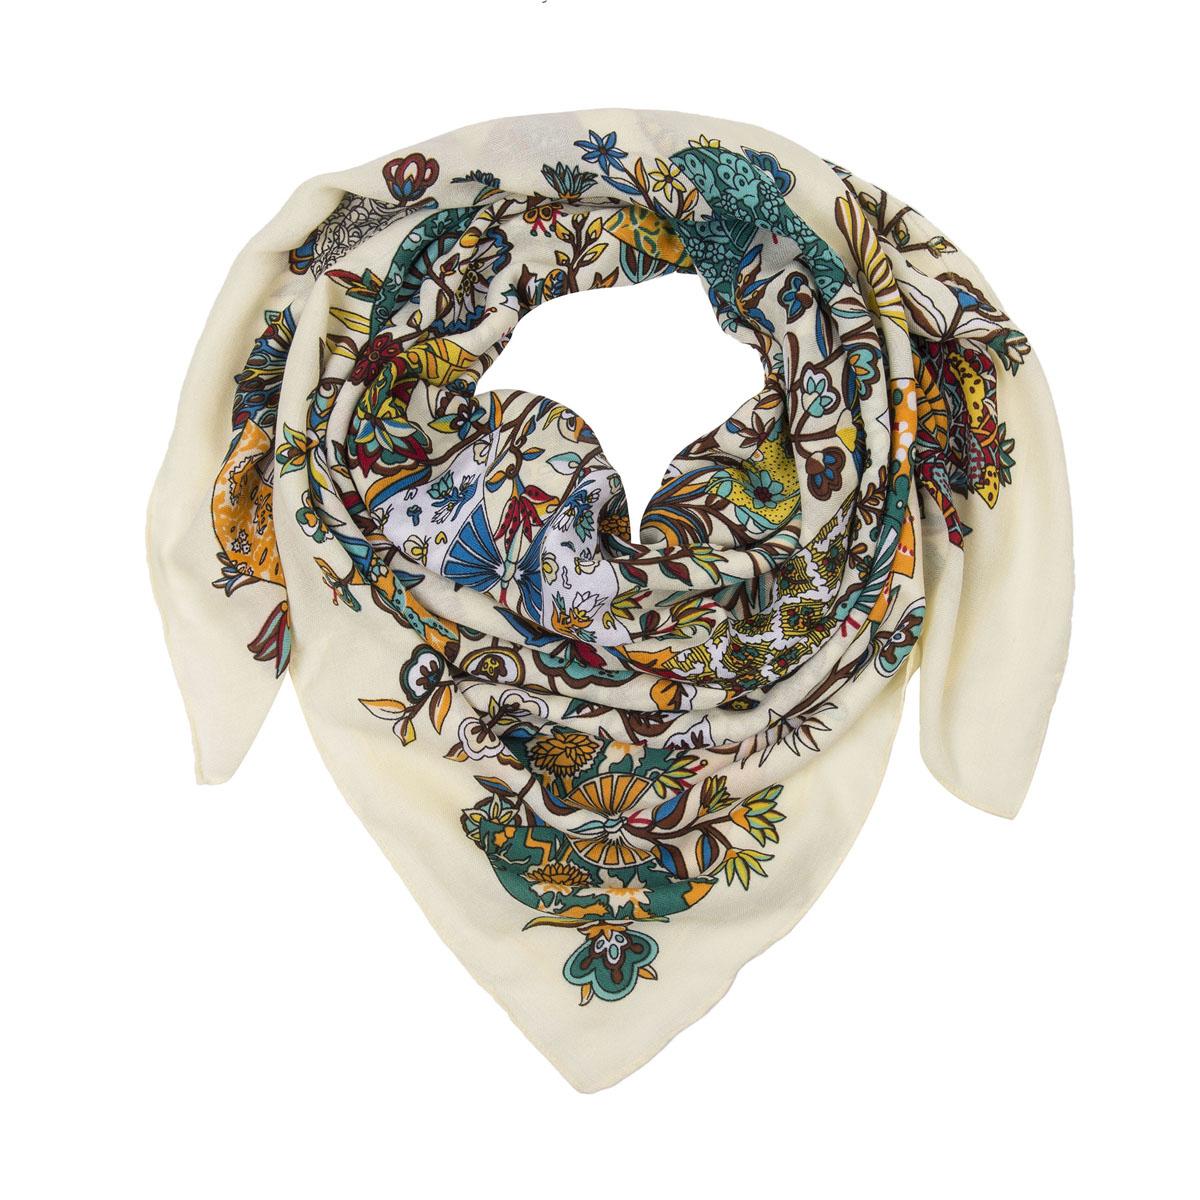 Платок23/0440/124Яркий и стильный платок Модные истории станет великолепным завершением любого наряда. Платок изготовлен из высококачественной вискозы. Он оформлен абстрактным изображением цветов. Классическая квадратная форма позволяет носить его на шее, украшать прическу или декорировать сумочку. Мягкий и шелковистый платок поможет вам создать оригинальный женственный образ. Такой платок превосходно дополнит любой наряд и подчеркнет ваш неповторимый вкус и элегантность.